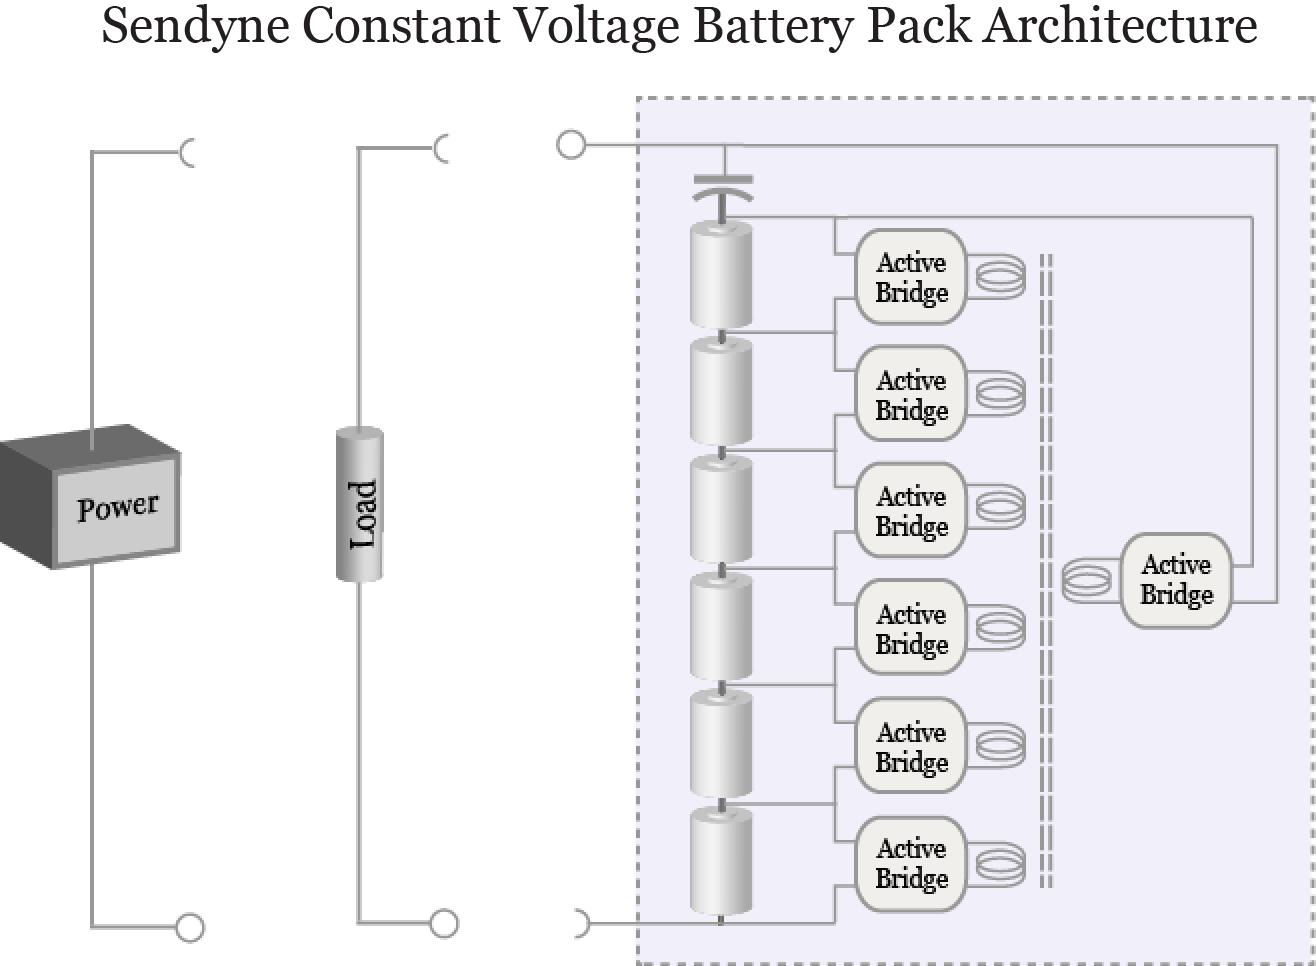 sendyne awarded patent for novel battery pack architecture